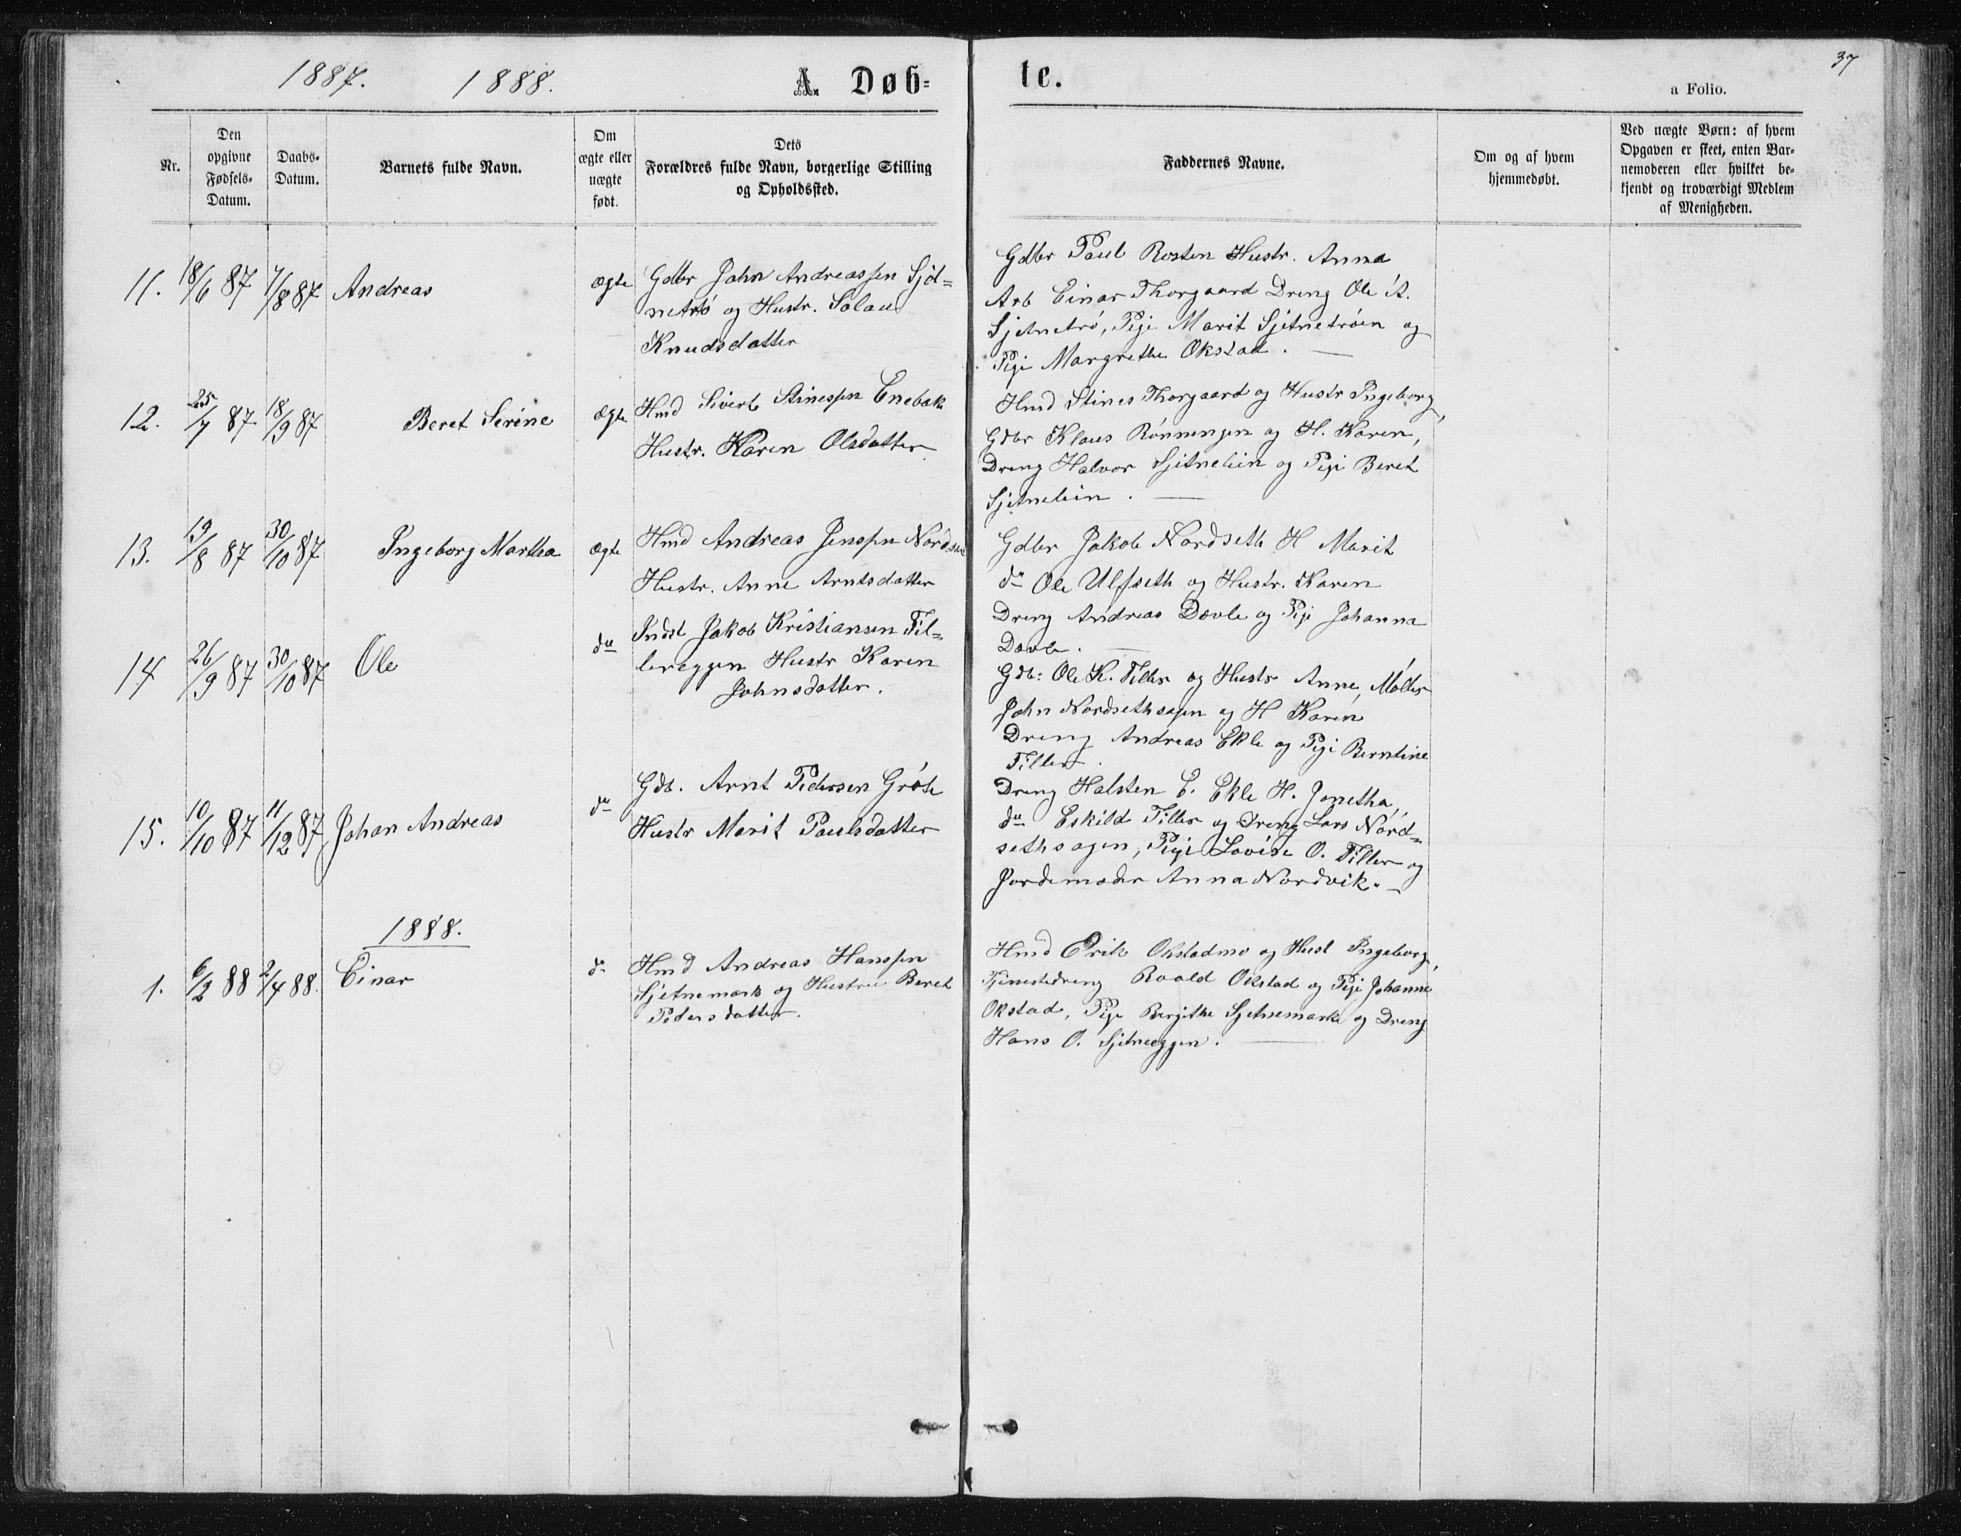 SAT, Ministerialprotokoller, klokkerbøker og fødselsregistre - Sør-Trøndelag, 621/L0459: Klokkerbok nr. 621C02, 1866-1895, s. 37